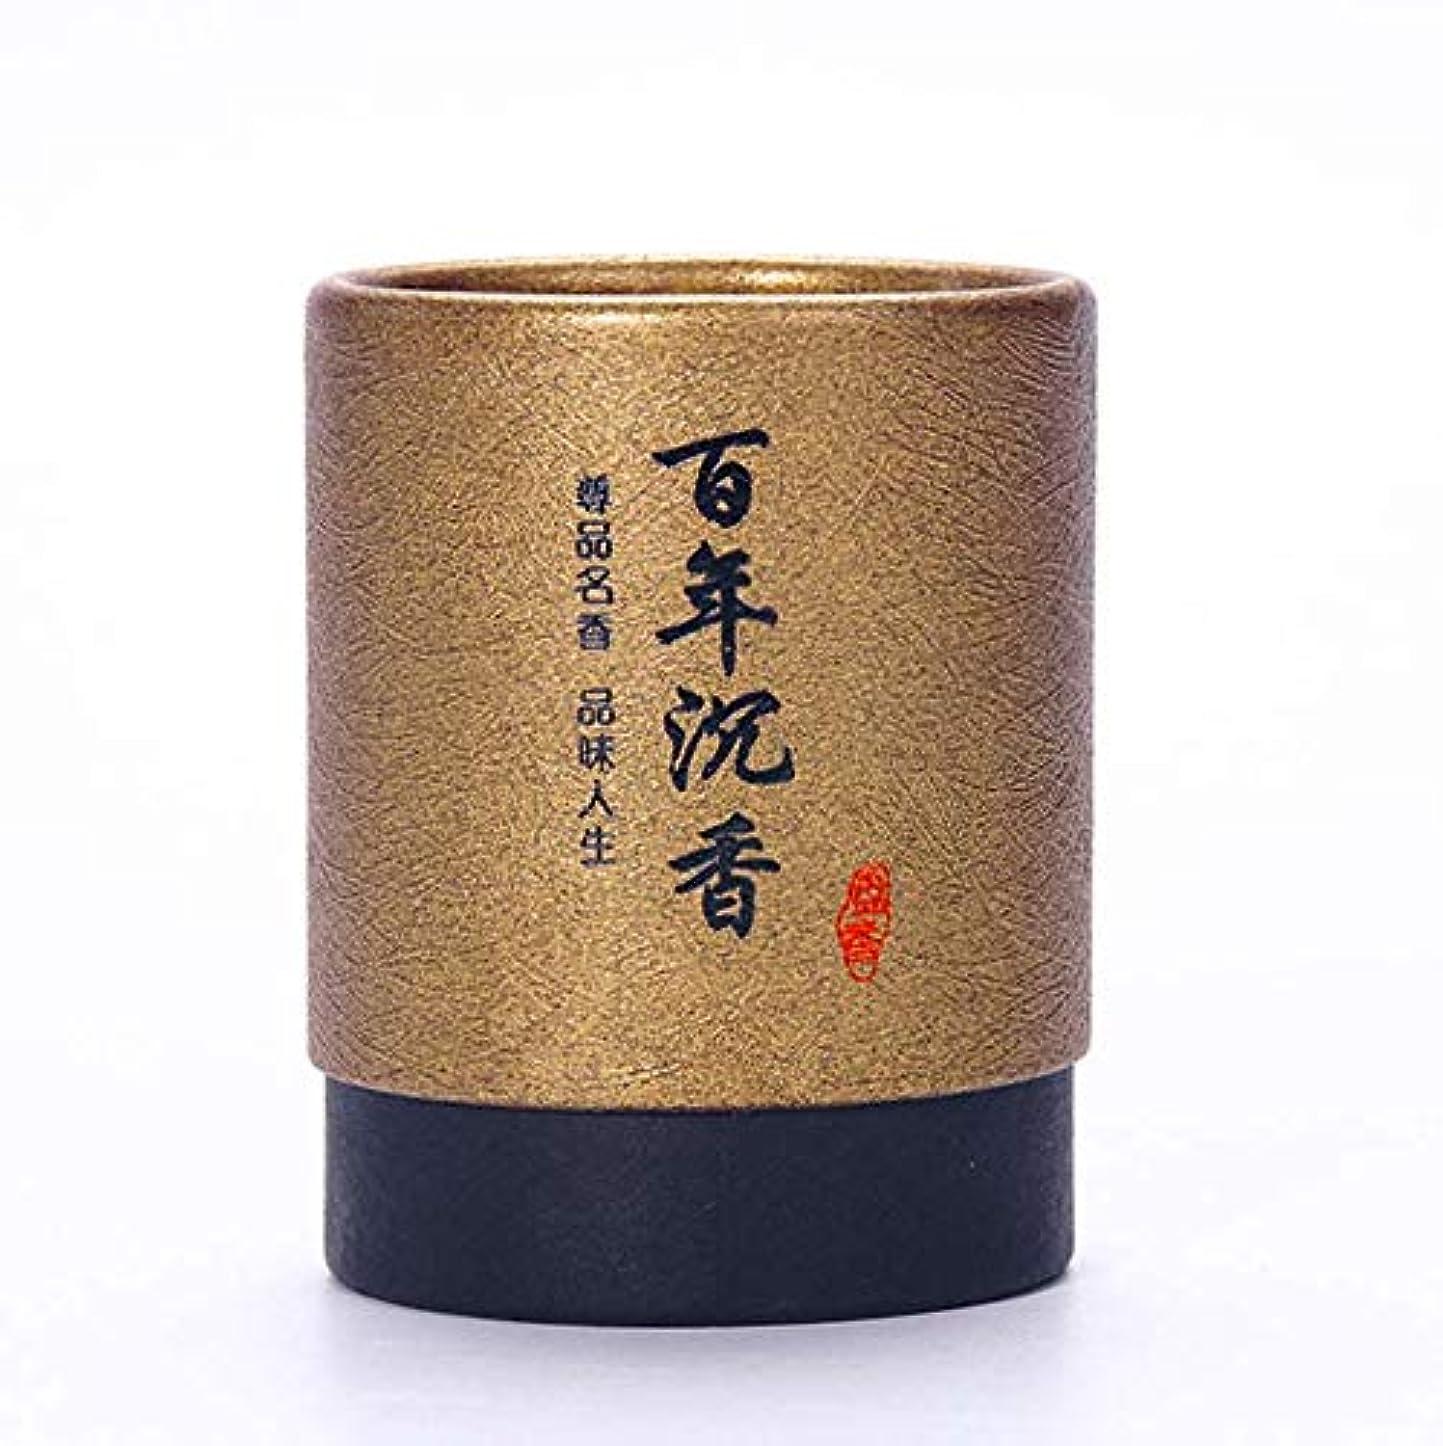 いろいろスローつかむHwaGui お香 2時間 盤香 渦巻き線香 優しい香り 48巻入 沉香(百年沈香)